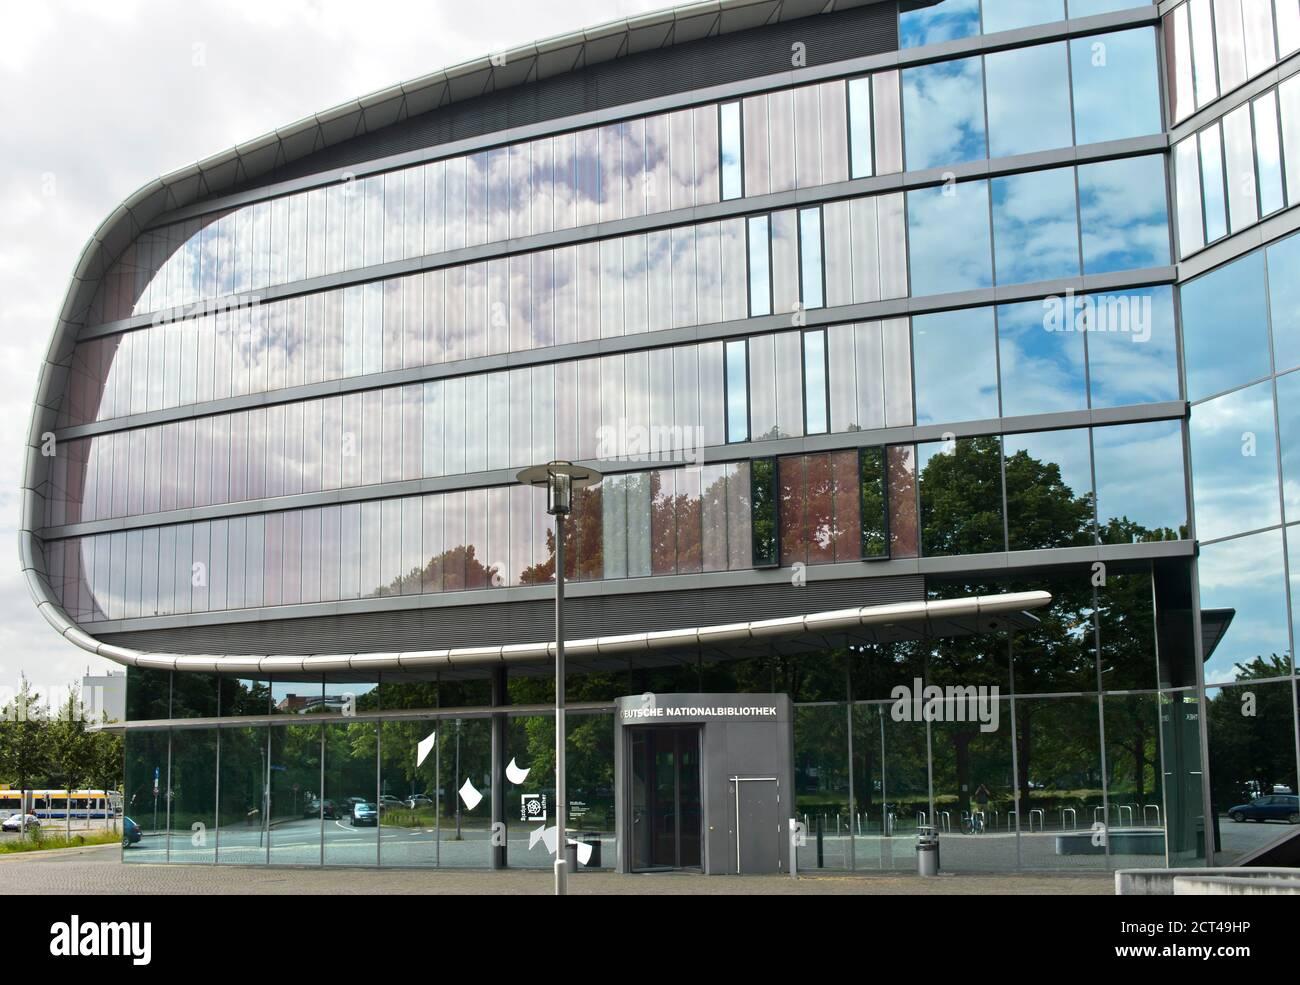 Edificio de extensión de la Biblioteca Nacional Alemana, antes la Biblioteca Alemana, en forma de libro, Leipzig, Sajonia, Alemania Foto de stock